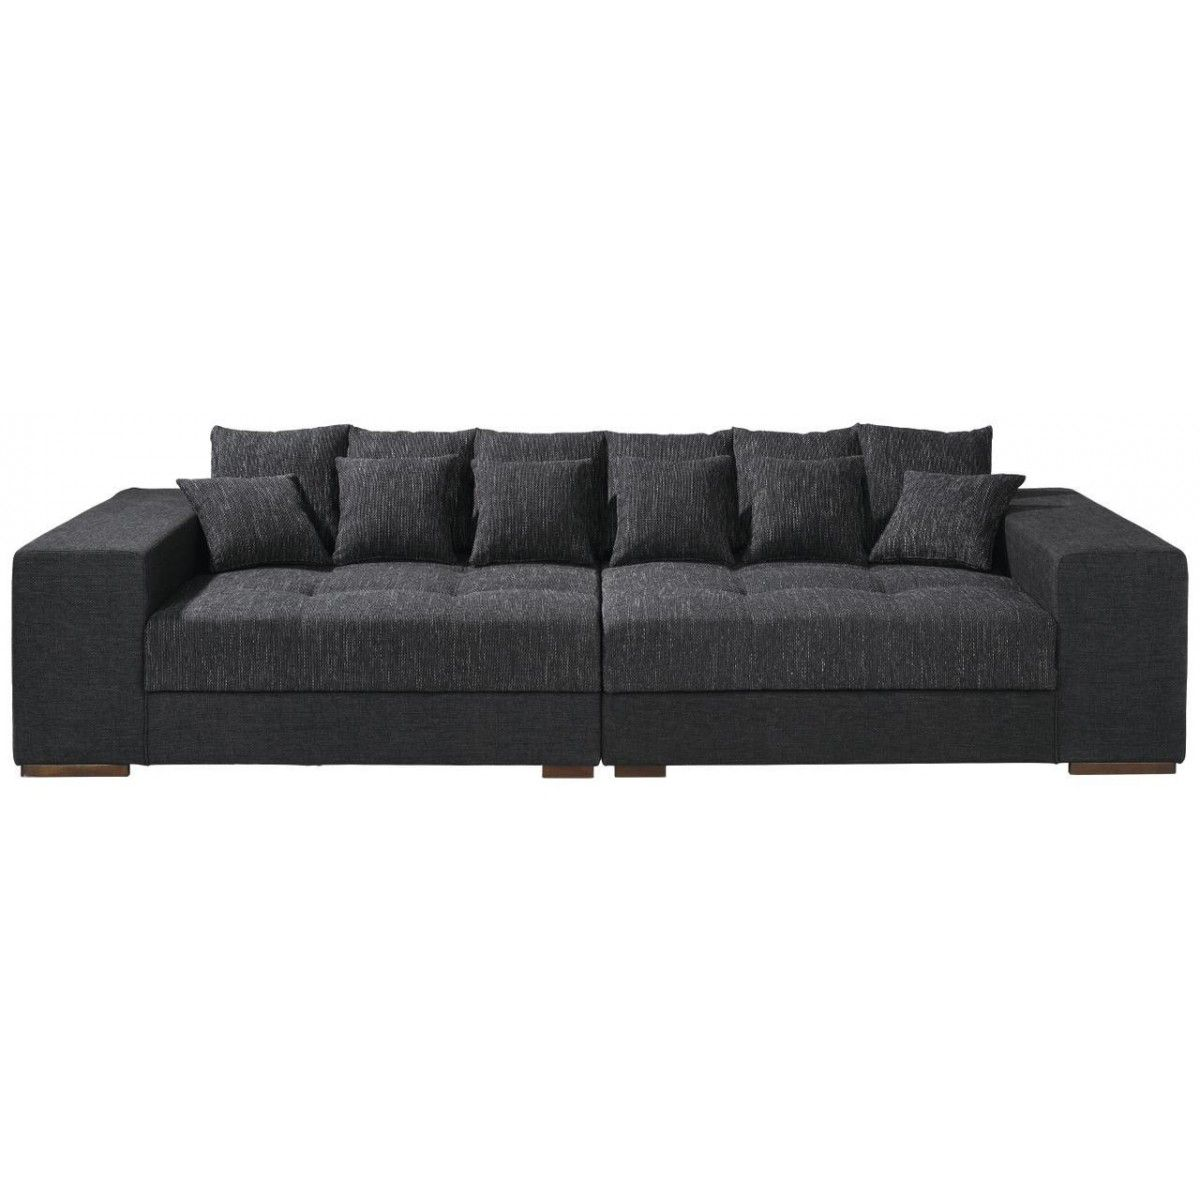 Full Size of 16 Gnstige Big Sofas Inspirierend Sofa Creme Chesterfield Led Brühl Grünes 2er Grau Esstisch Set Günstig Dreisitzer Weiß Angebote Bett Kaufen Leder Sofa Big Sofa Günstig